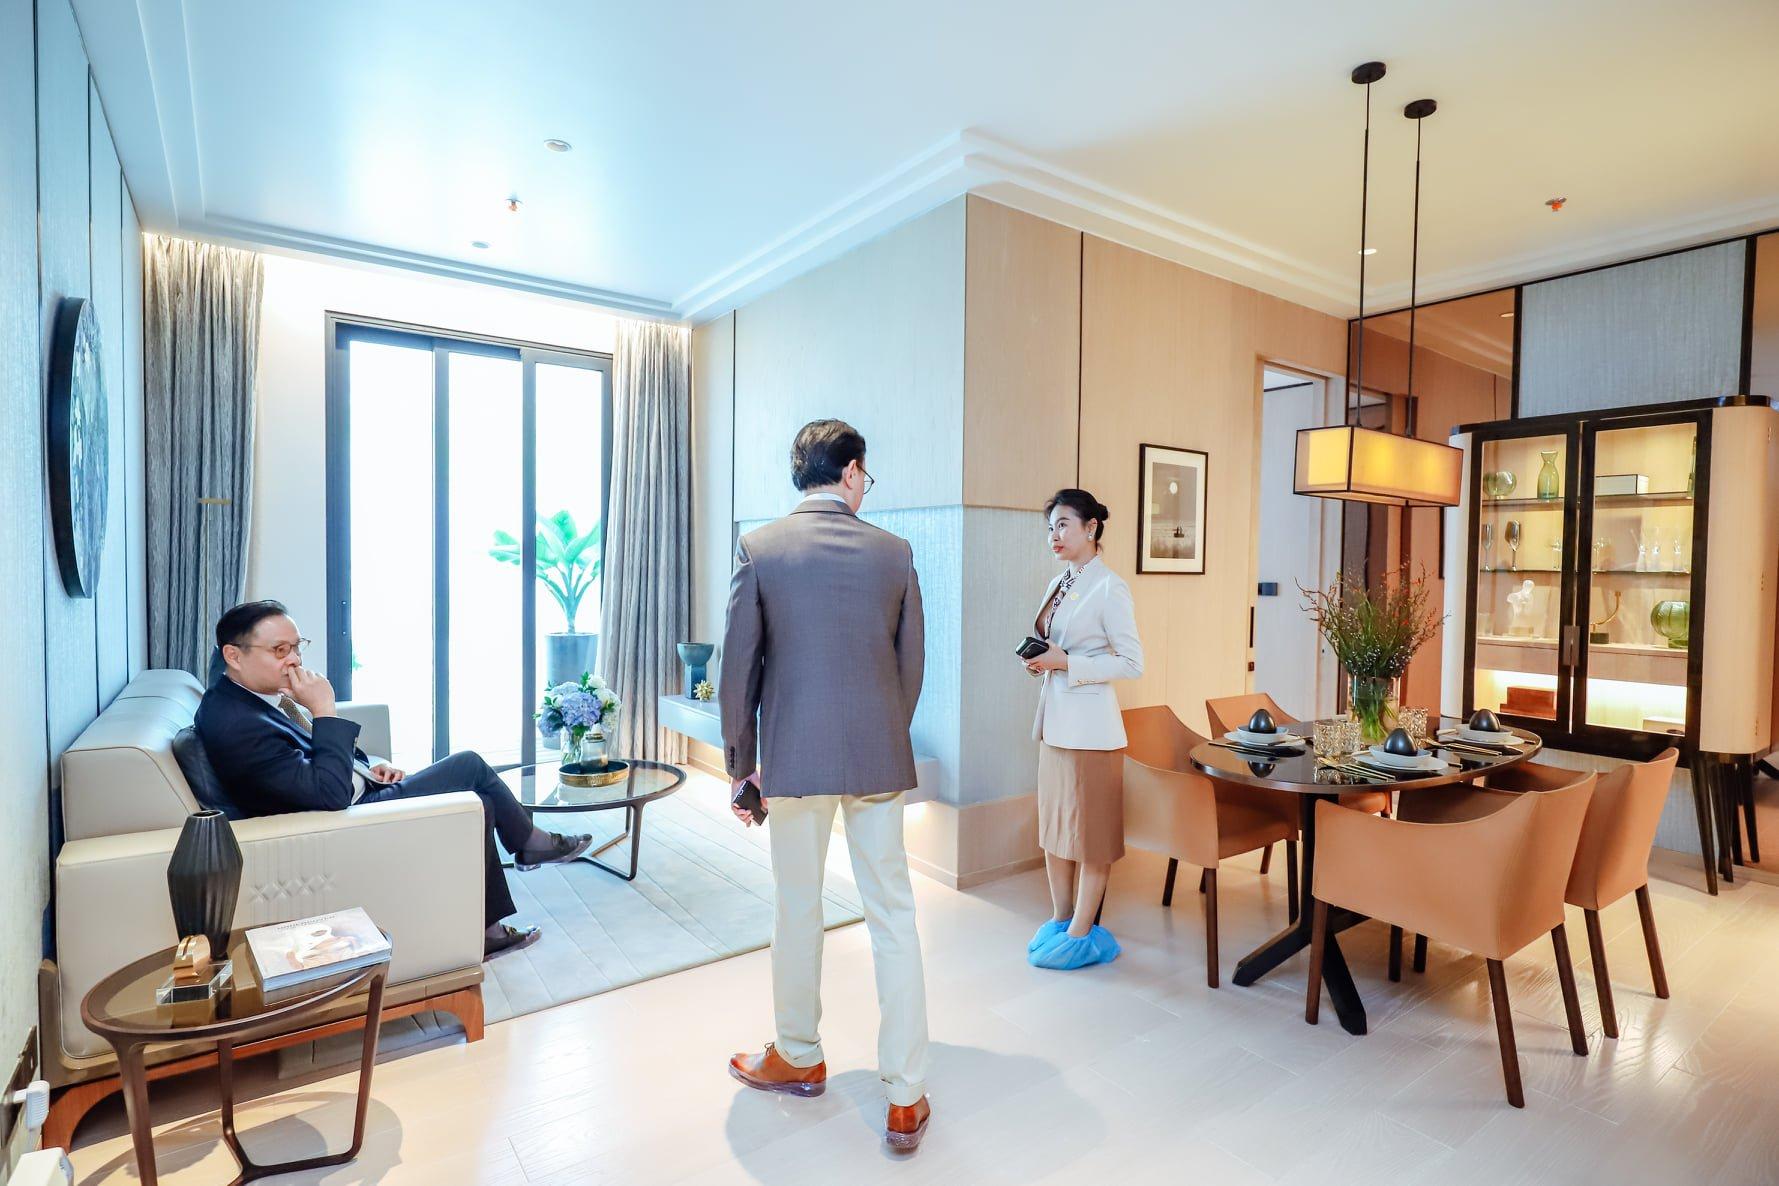 Nhà mẫu căn hộ Grand Marina Saigon Quận 1 đón những vị khách đầu tiên tham quan và trải nghiệm